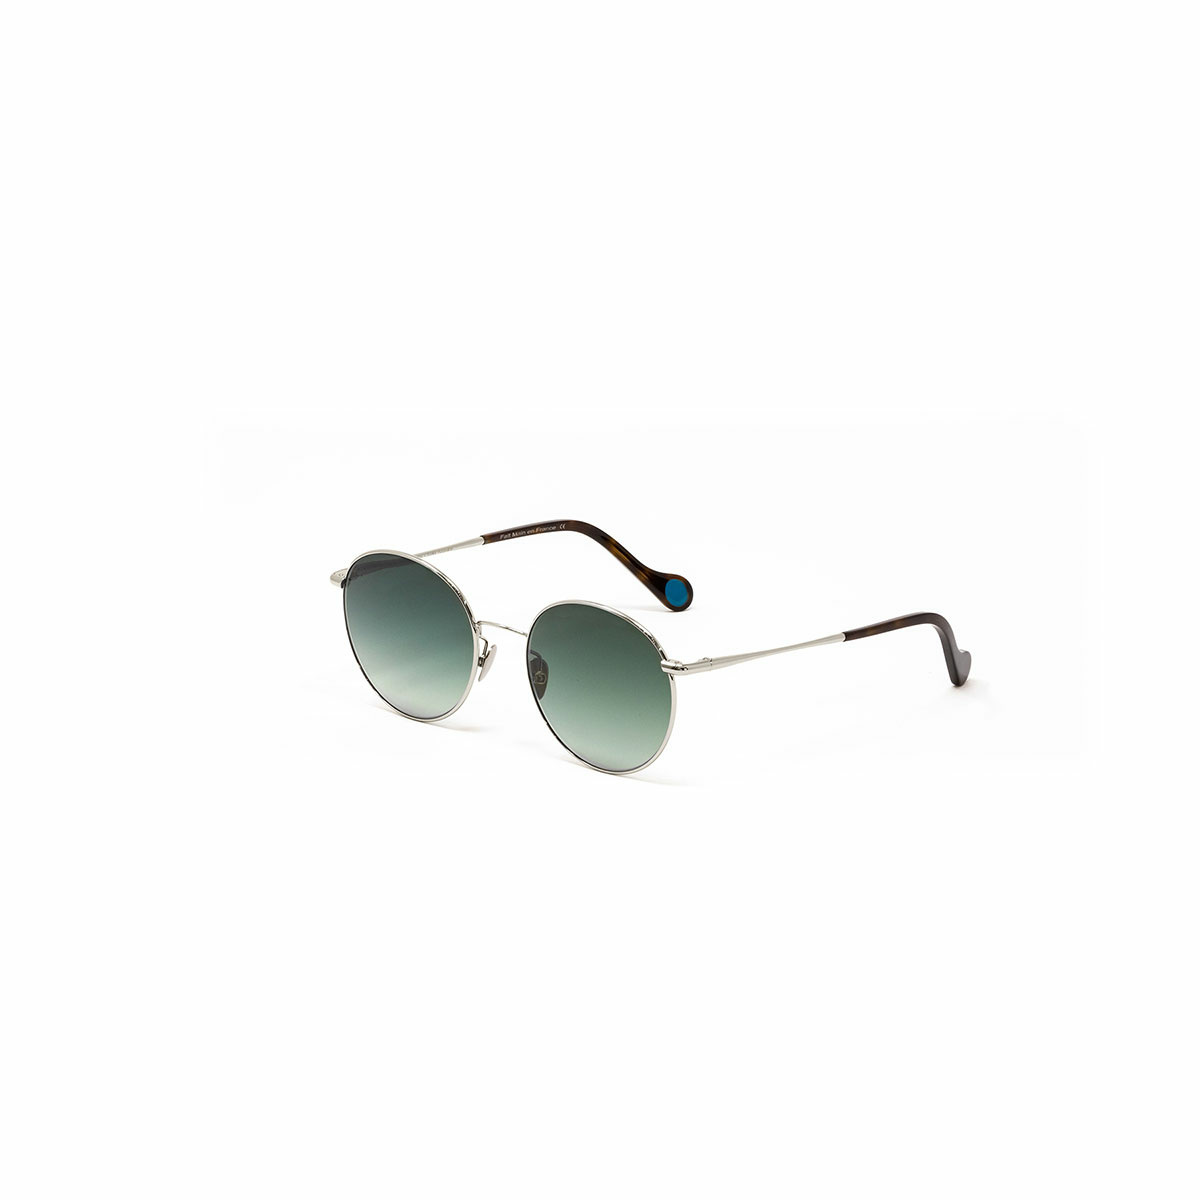 Jane Sunglasses